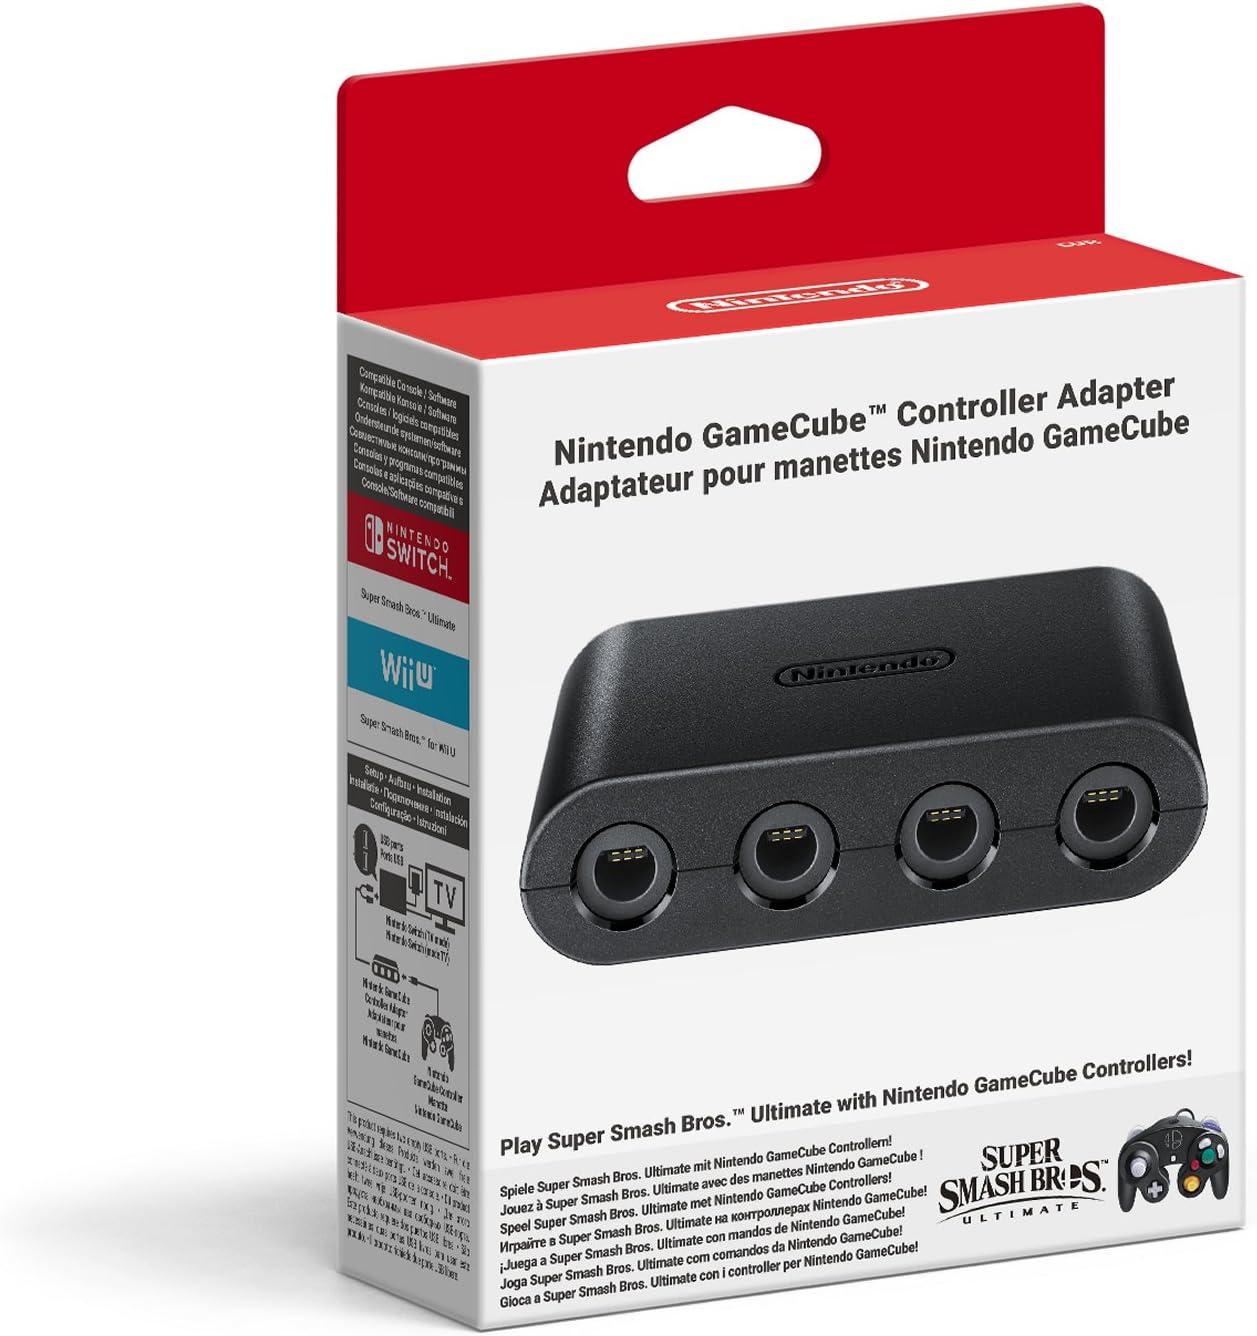 Switch Adaptador para GameCube Controller: Amazon.es: Videojuegos